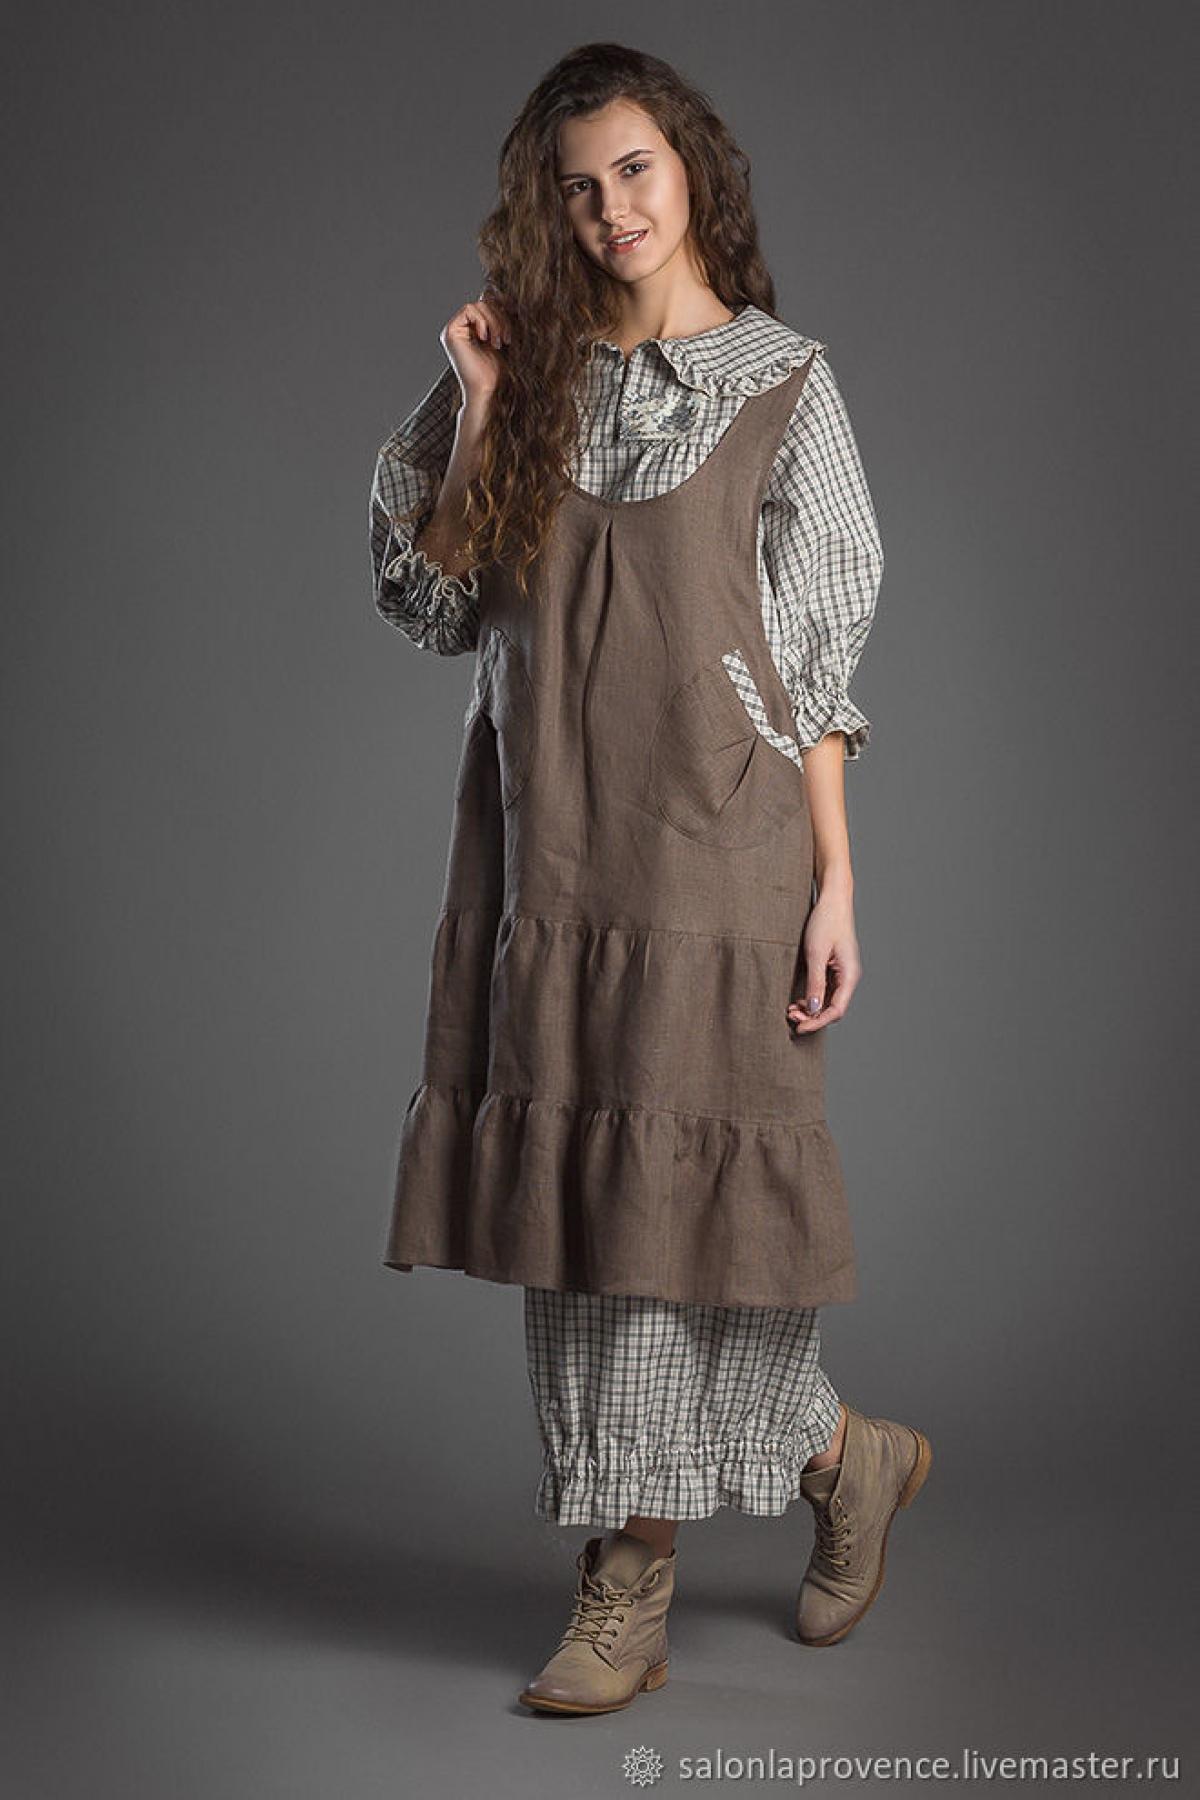 Комплект платье хлопок с длинным рукавом и туника изо льна - suzdalshop